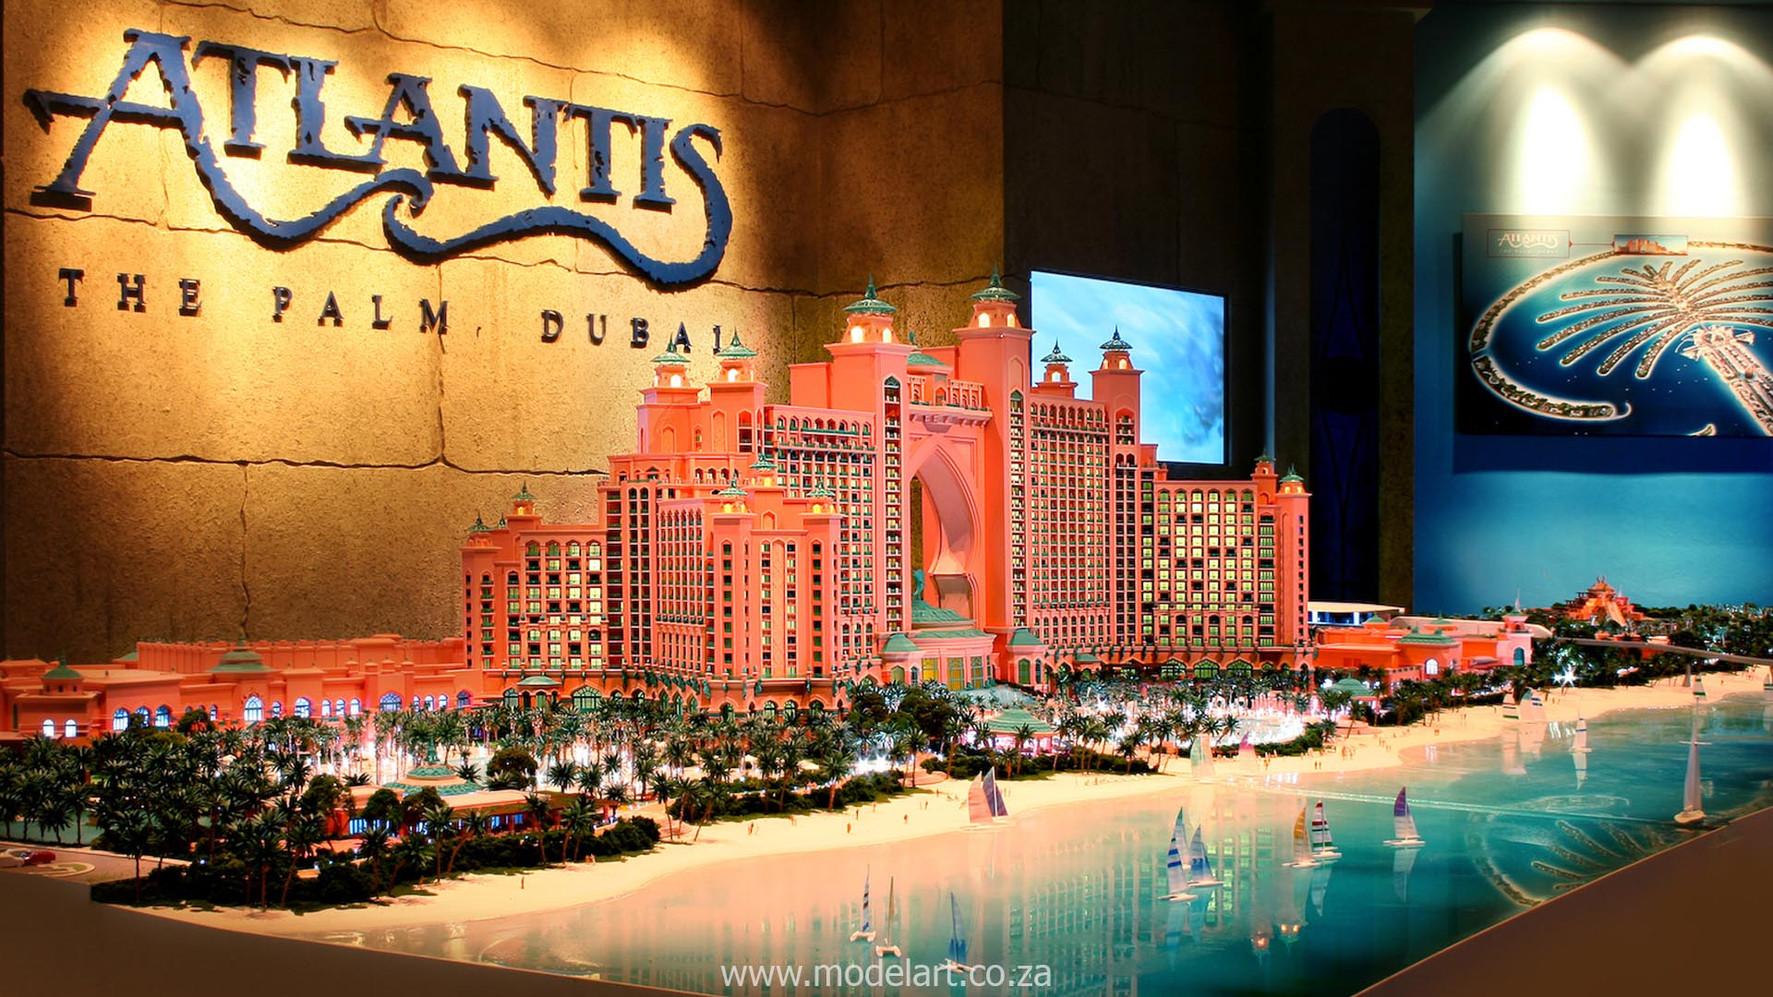 Atlantis The Palm-1.jpg